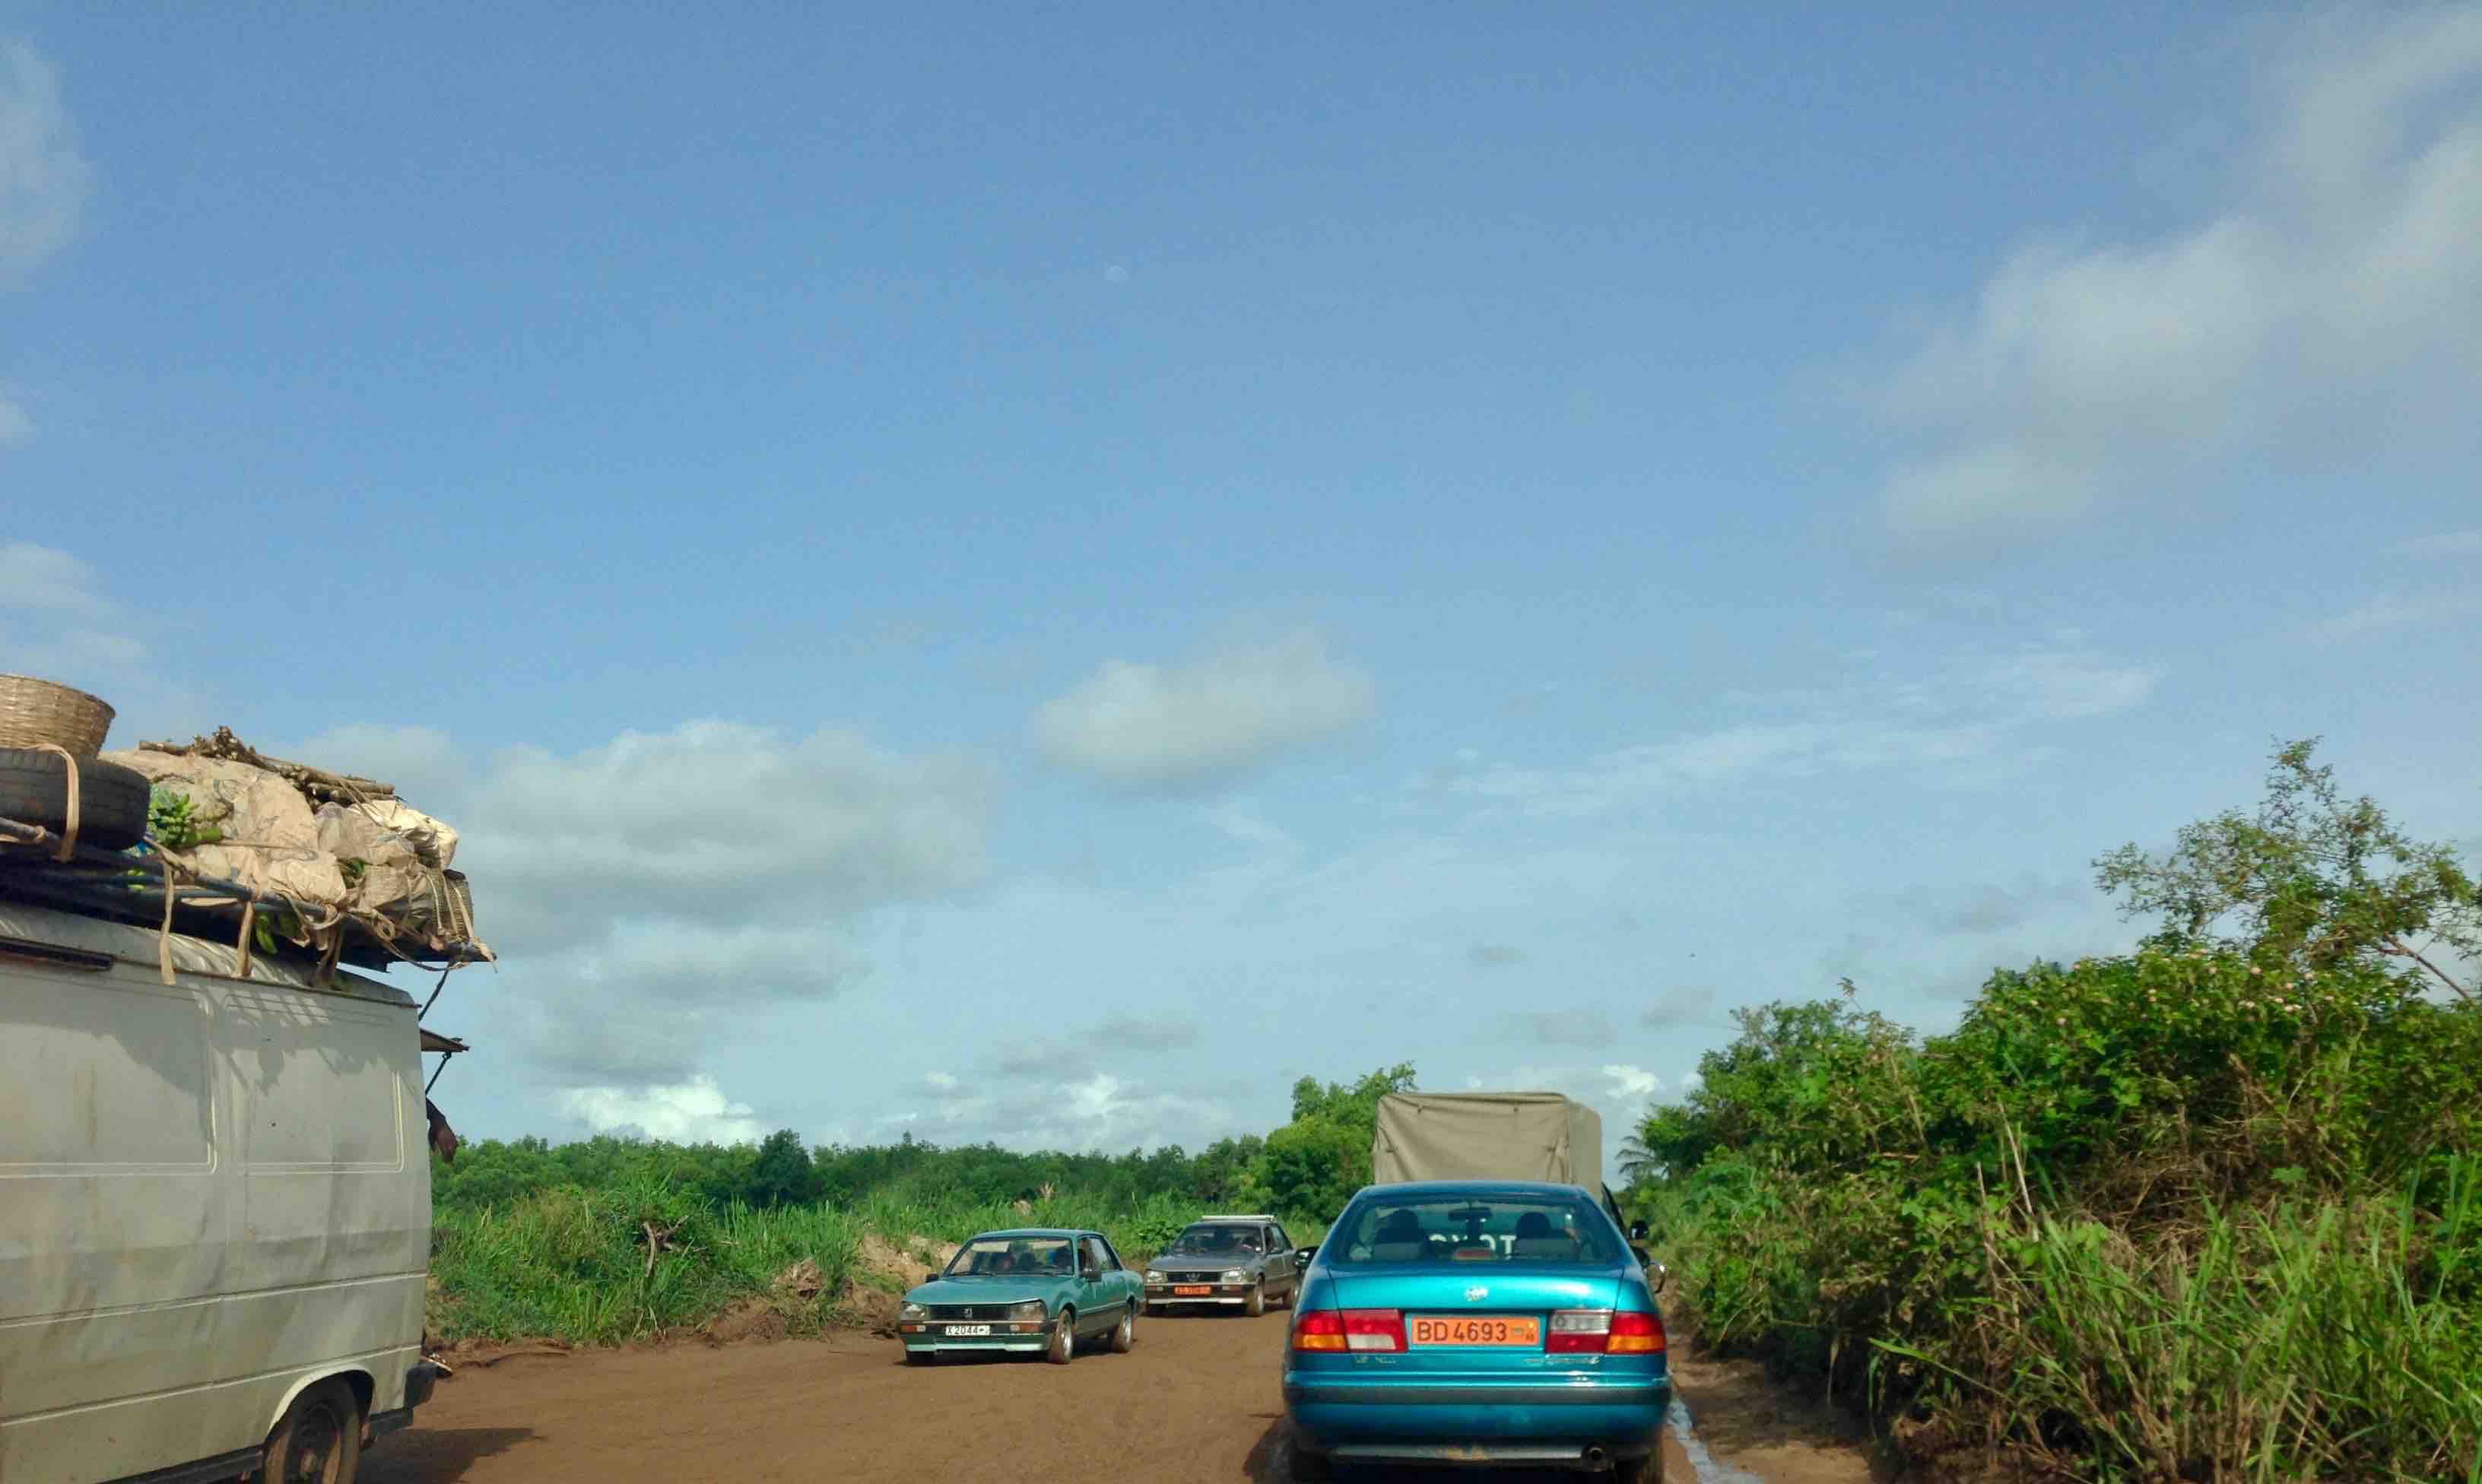 Benin - Togo Road, Pahou, Atlantique, Benin. #JujuFilms